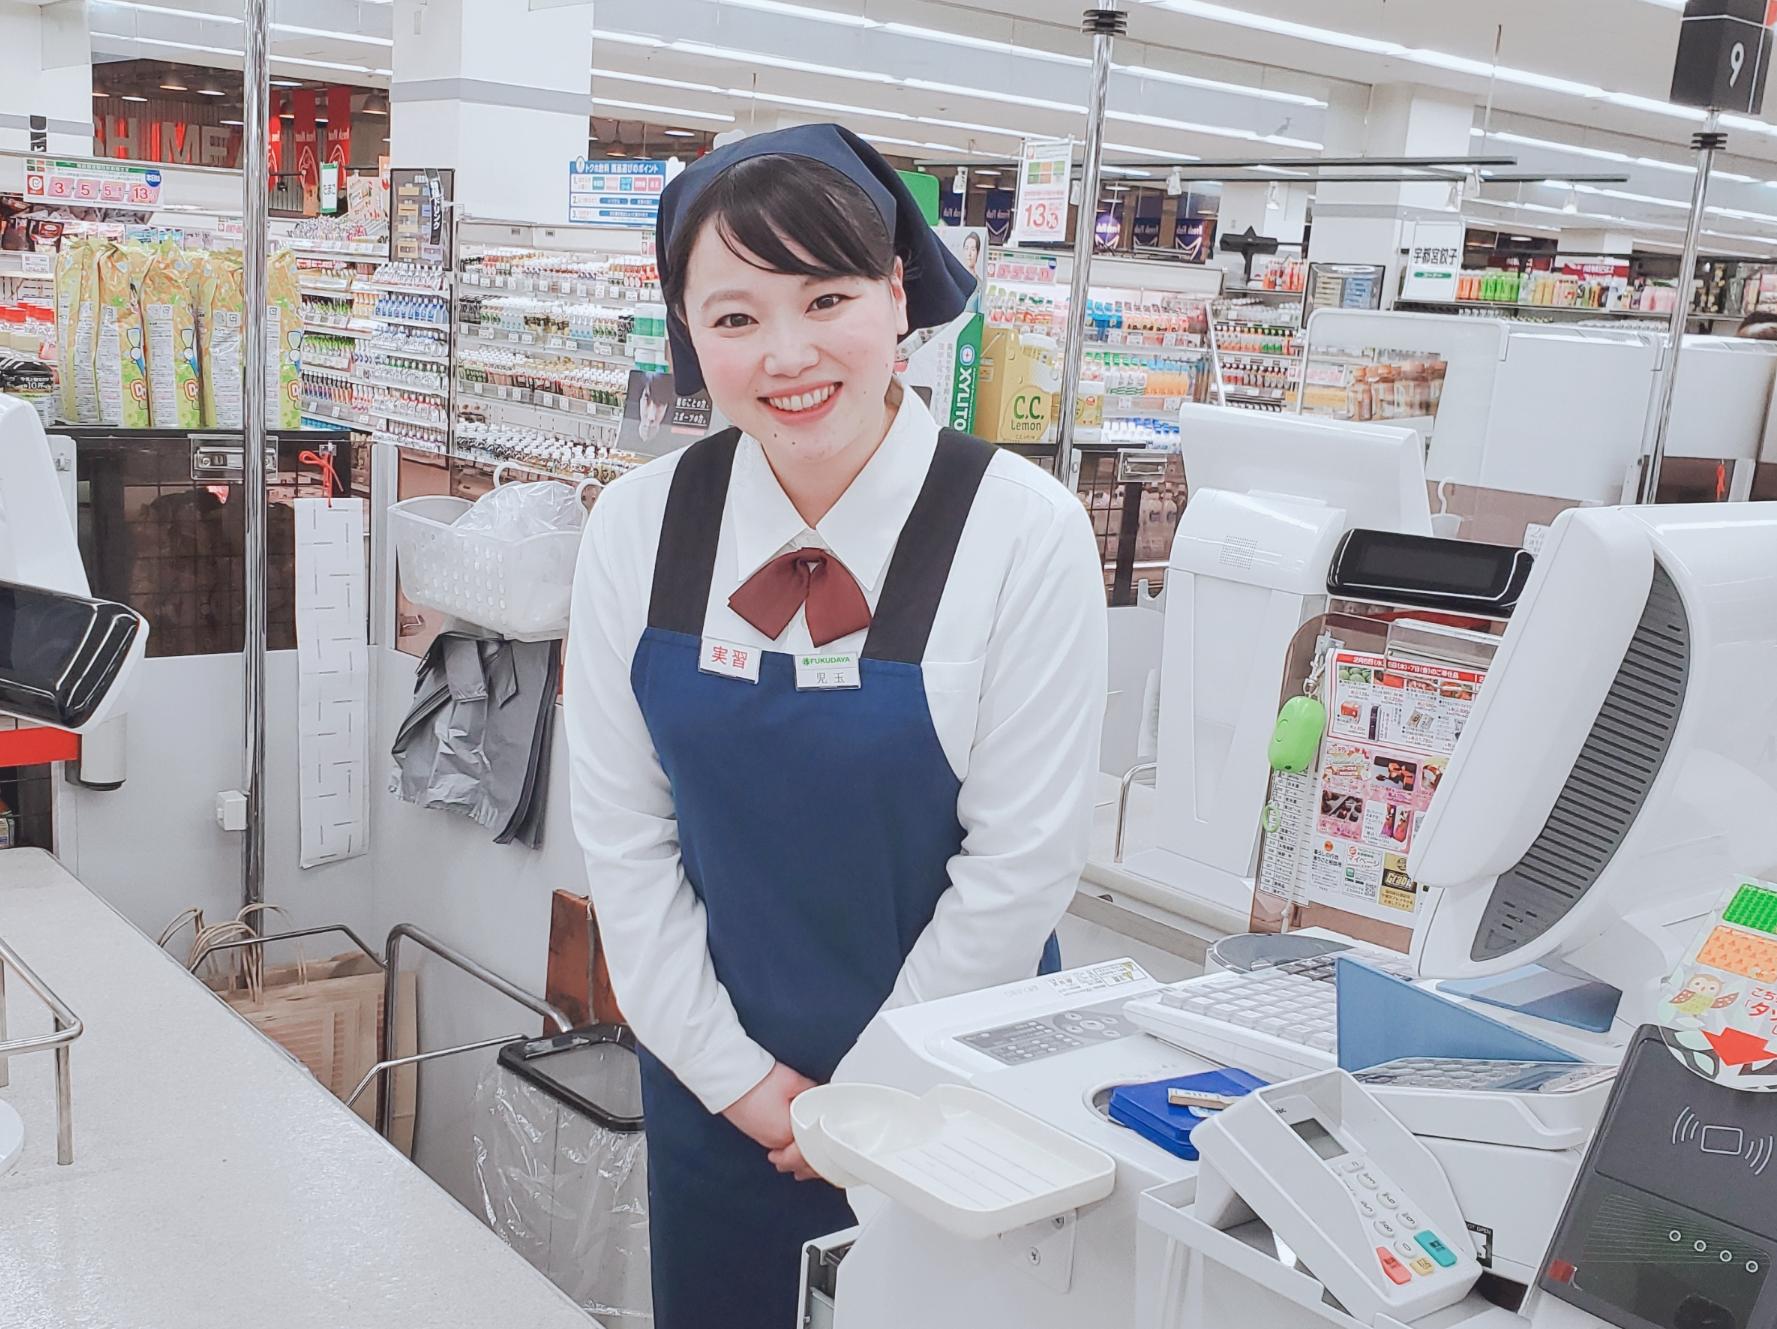 【アピタ松任店】レジスタッフ★時給1100円★週2日~OK! イメージ